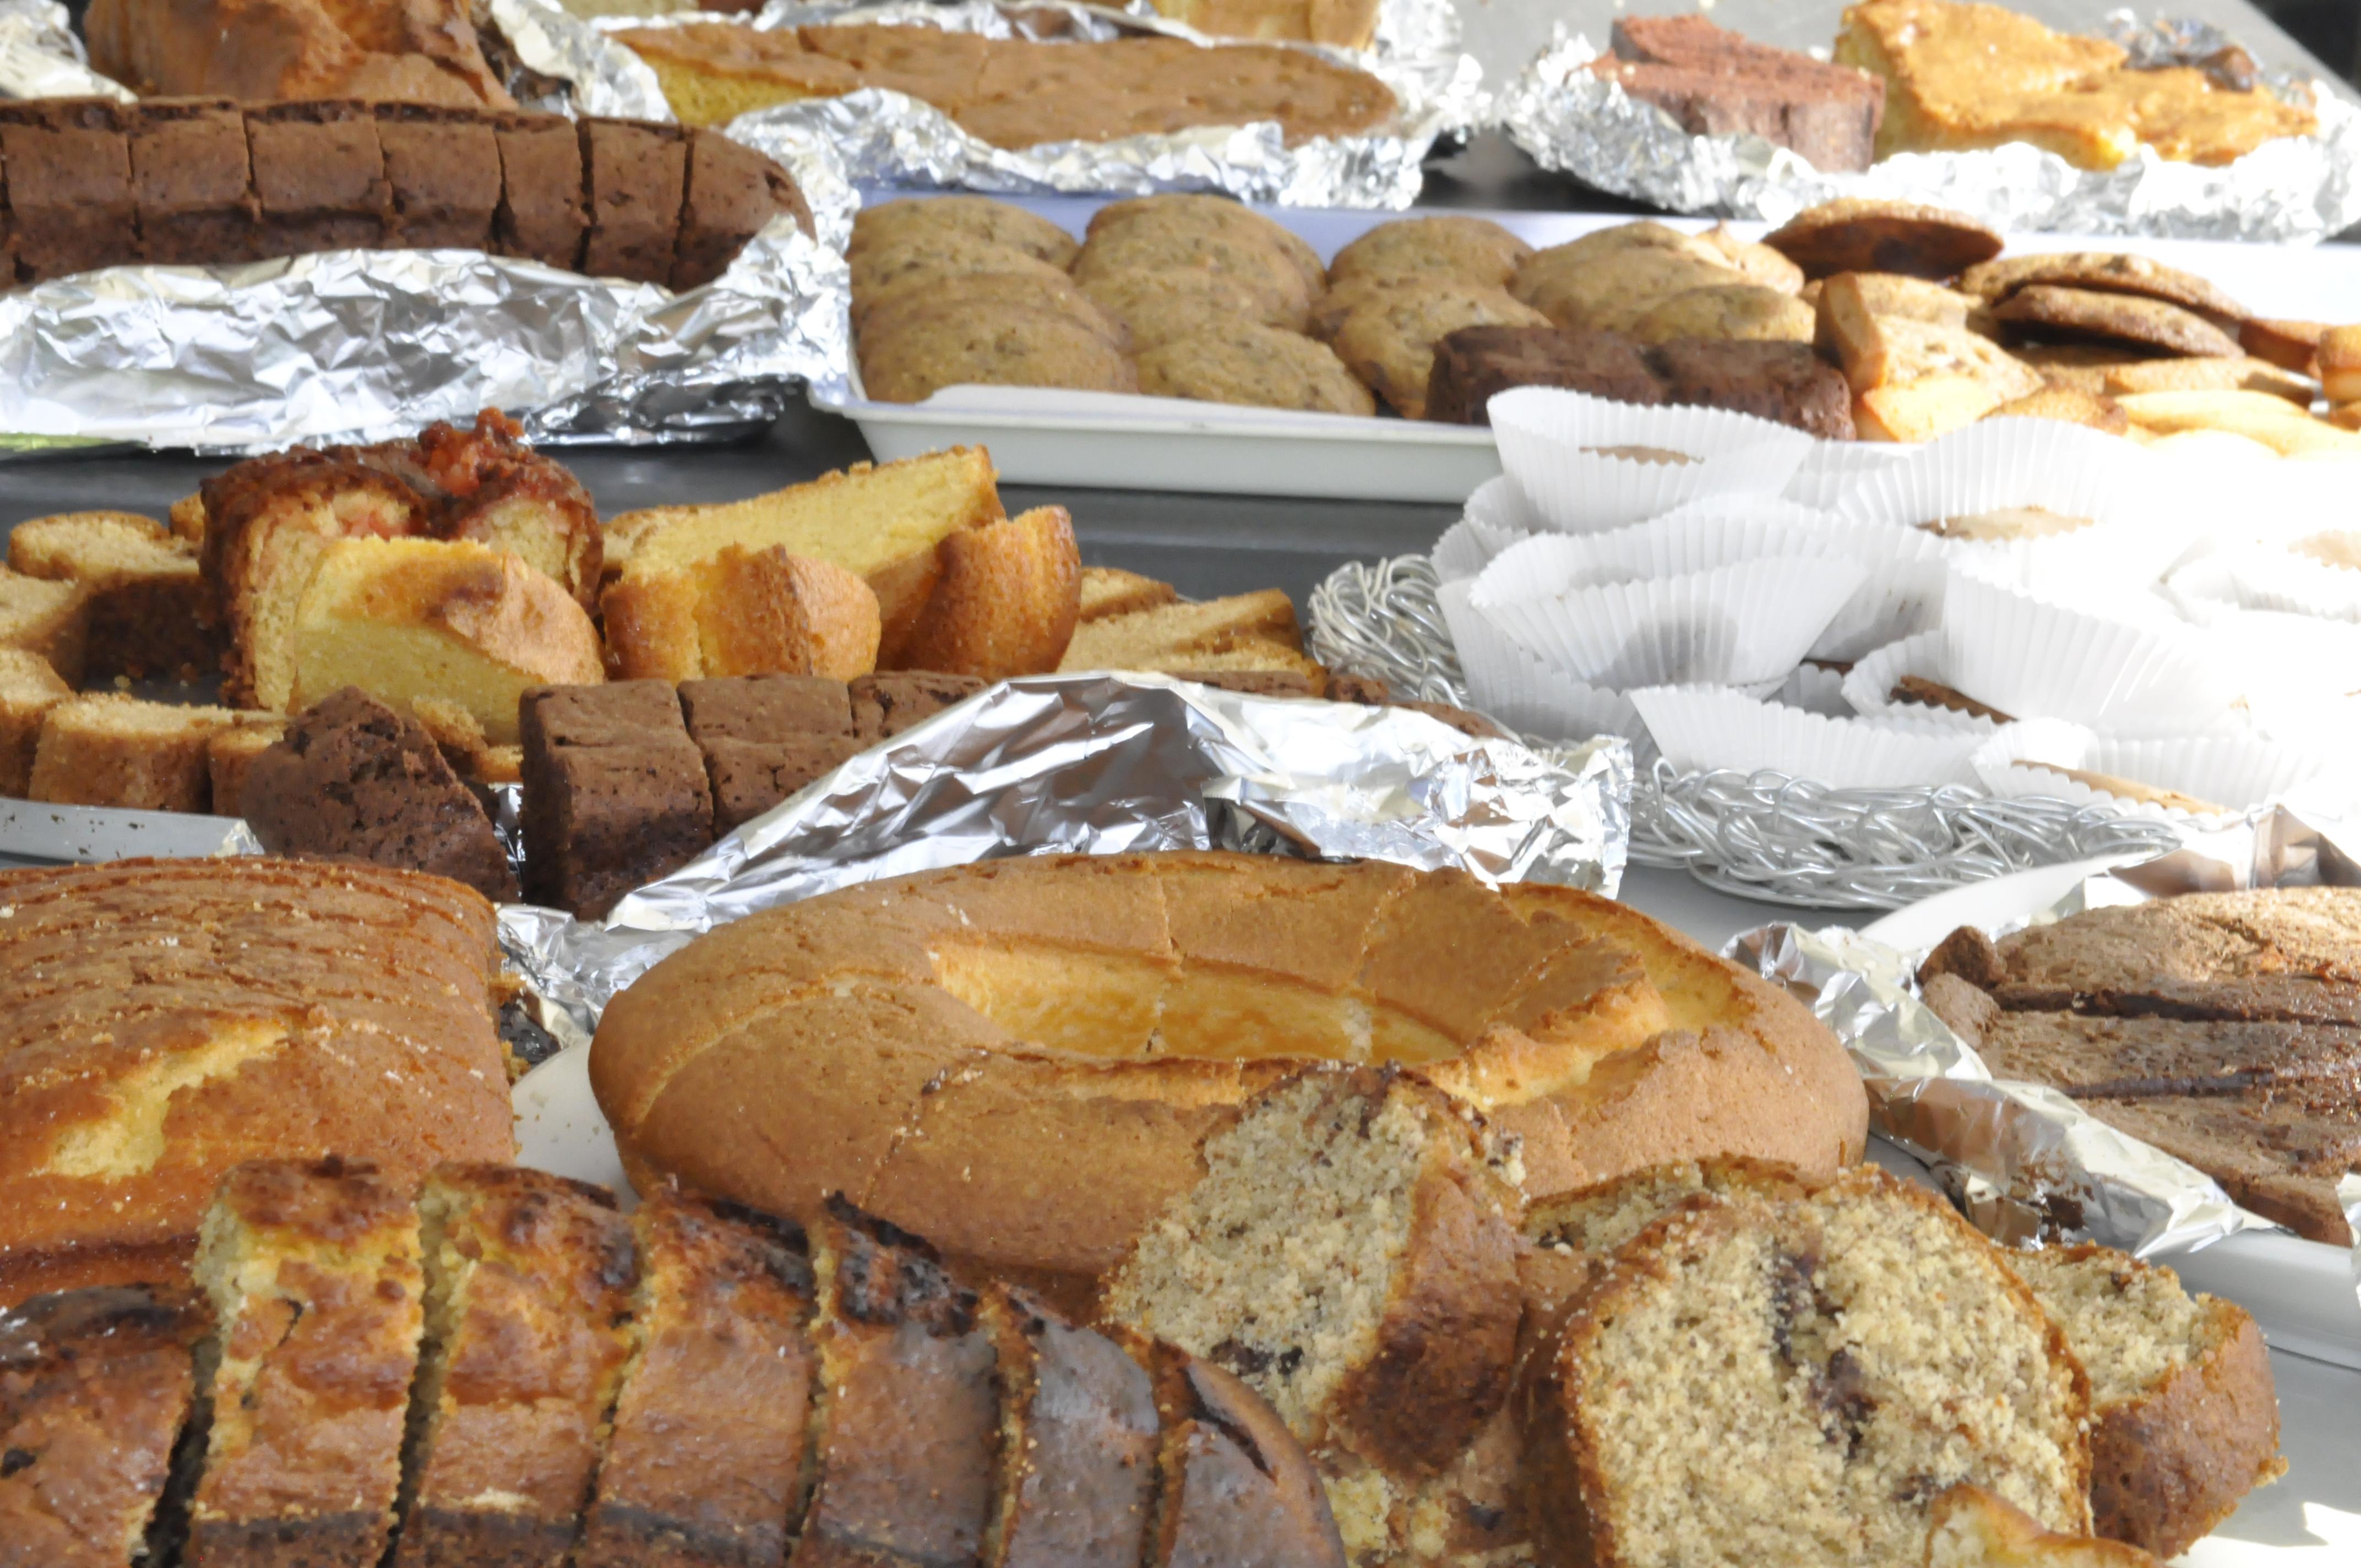 Le stand de gâteaux